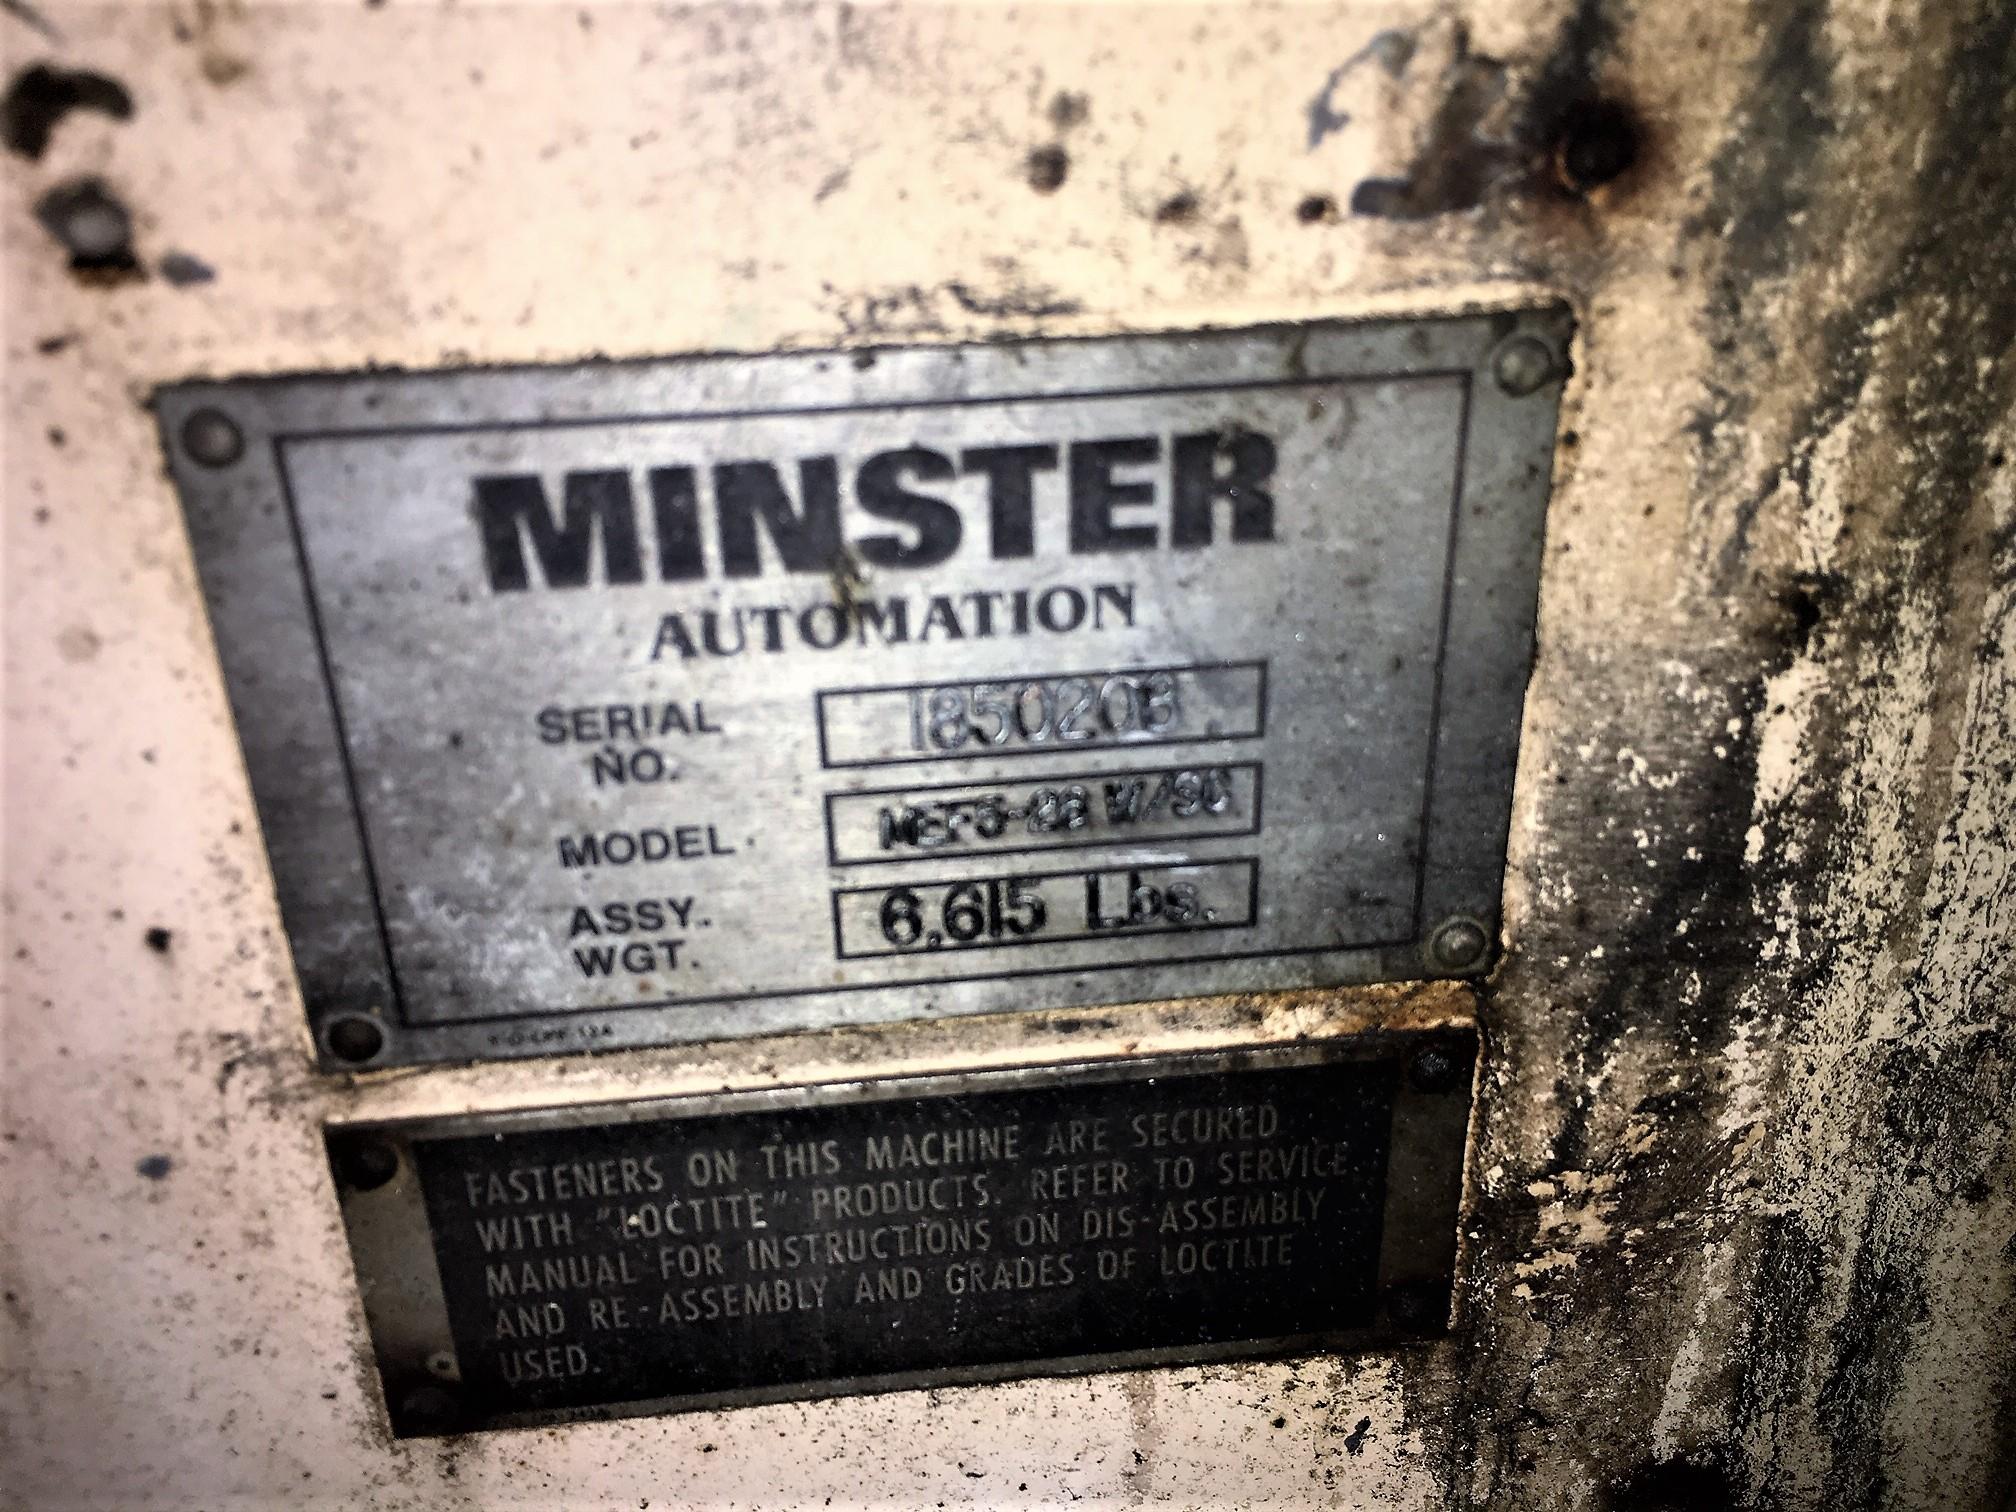 Minster Data plate